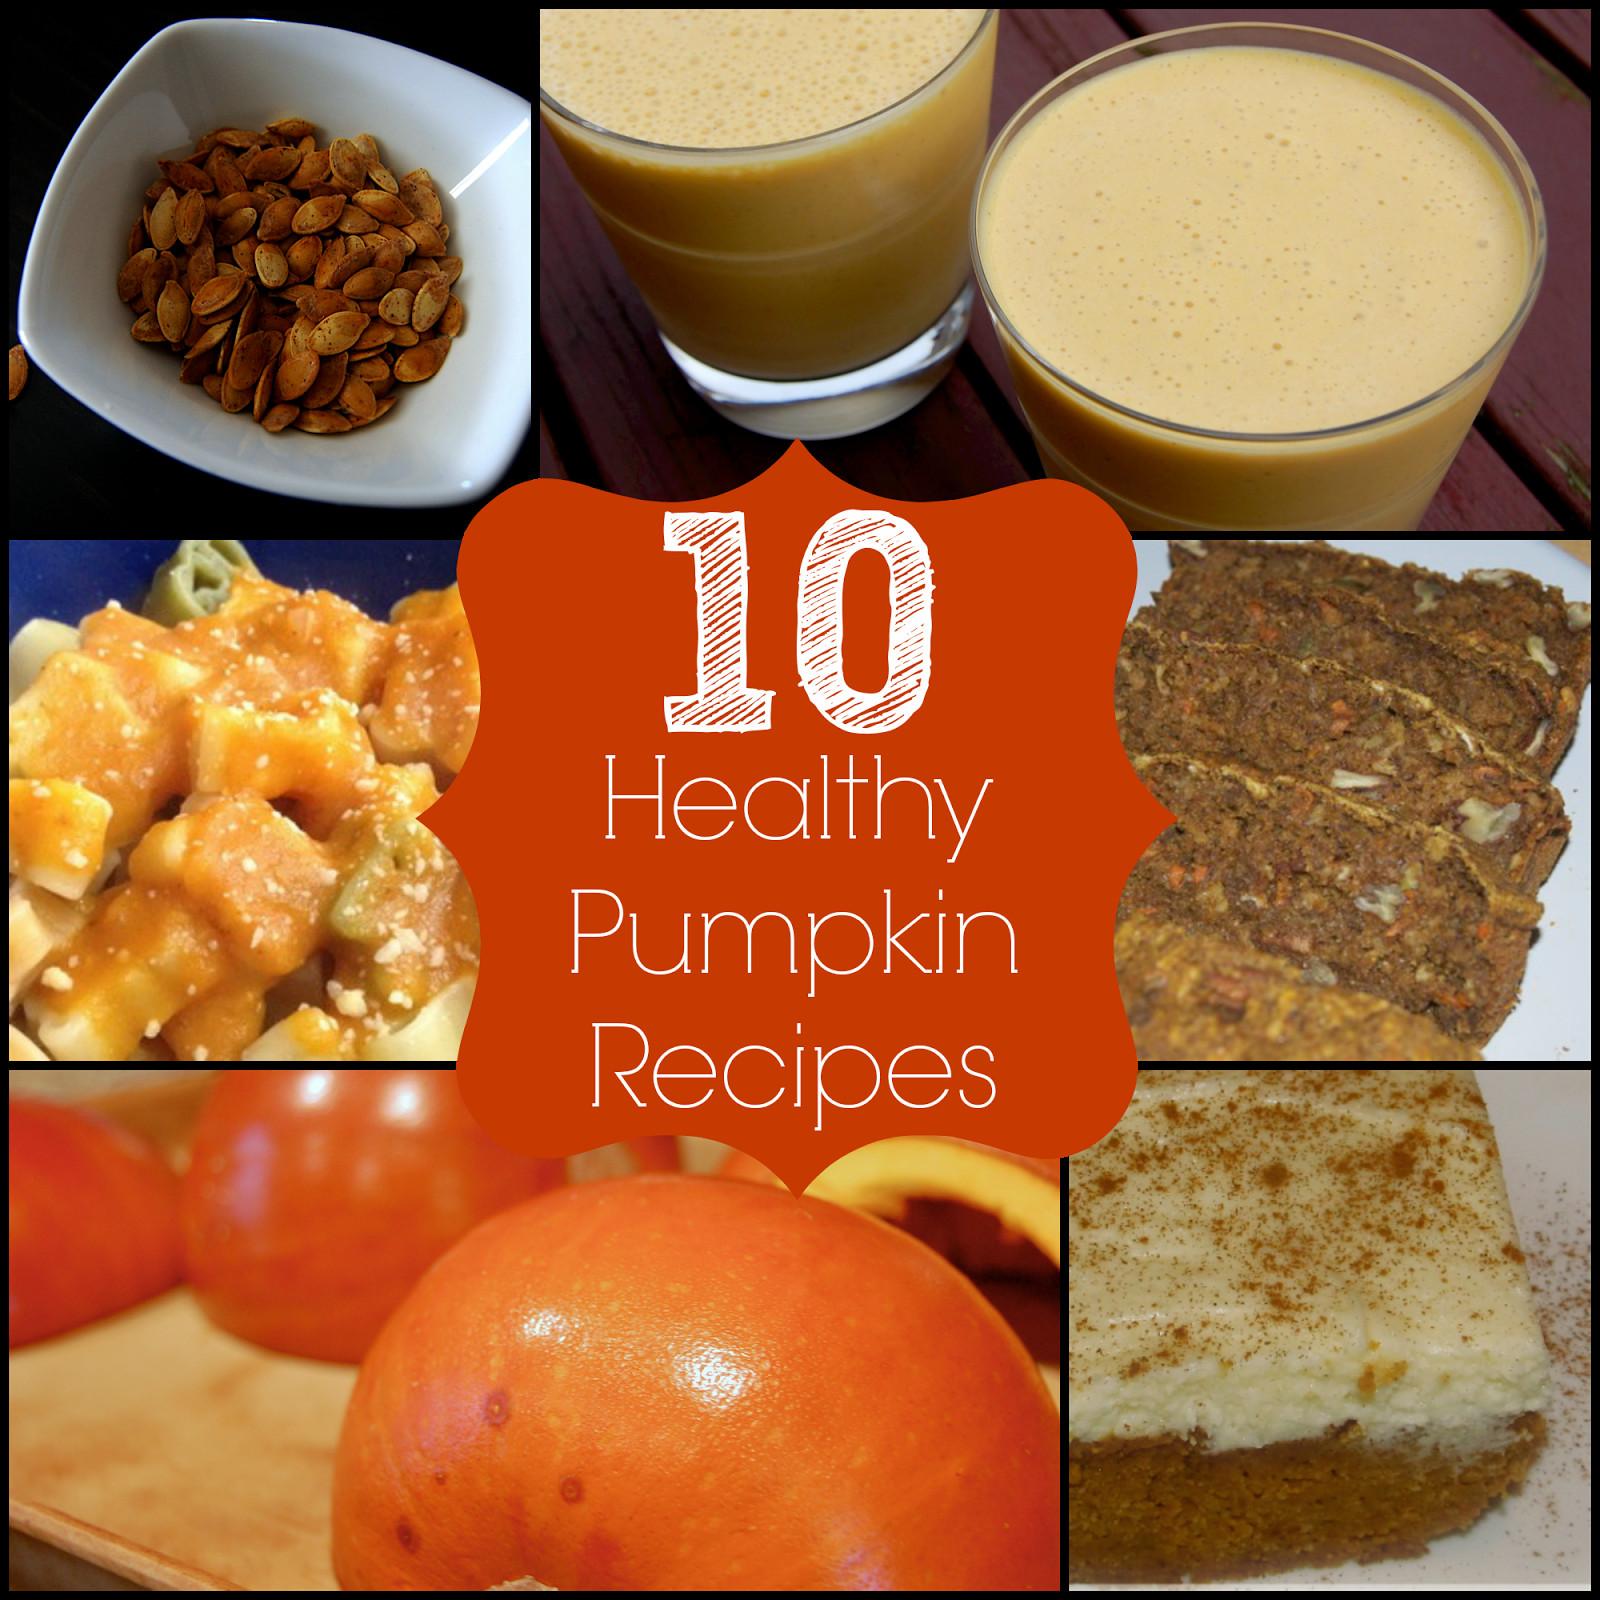 Healthy Pumpkin Recipes  10 Healthy Pumpkin Recipes The Pistachio Project